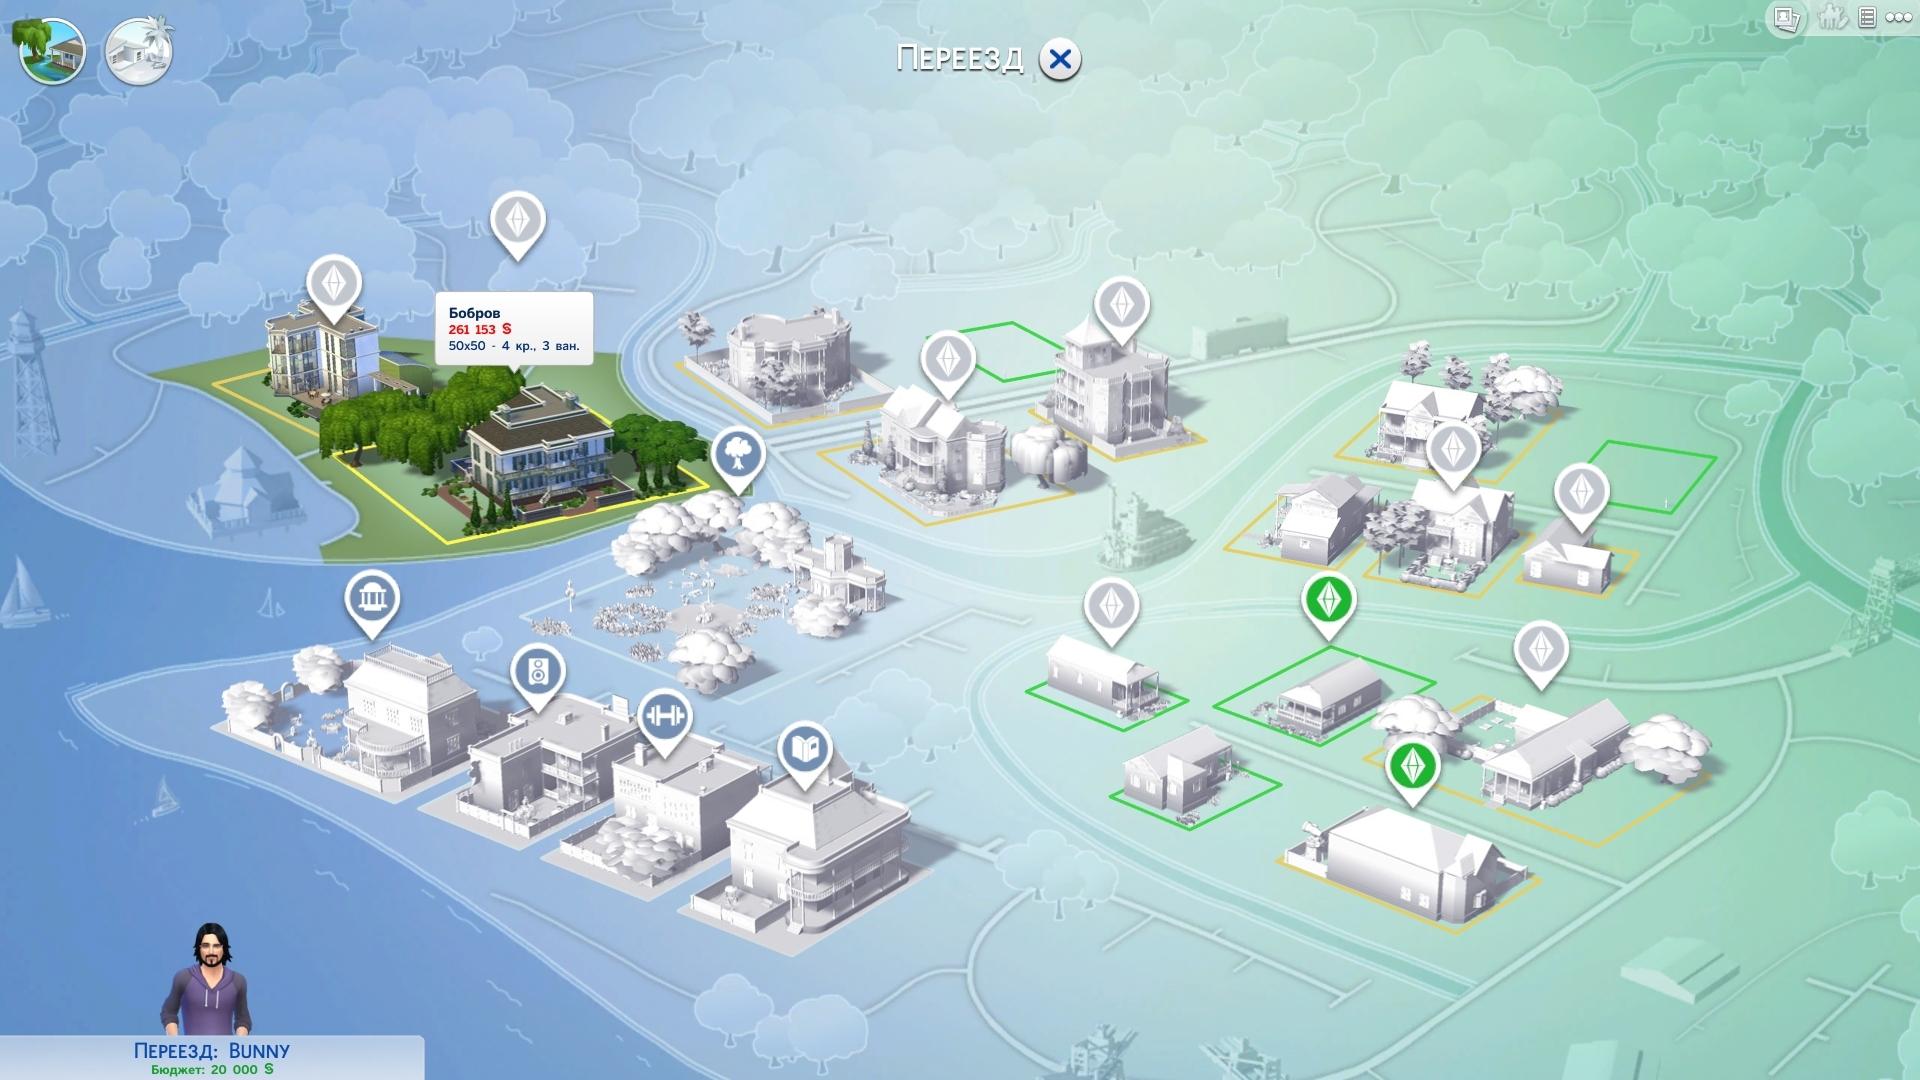 Бесплатная игра sims 2 играть, симс 3 времена года играть, скачать симс 4 без интернета, игры наподобие симс онлайн